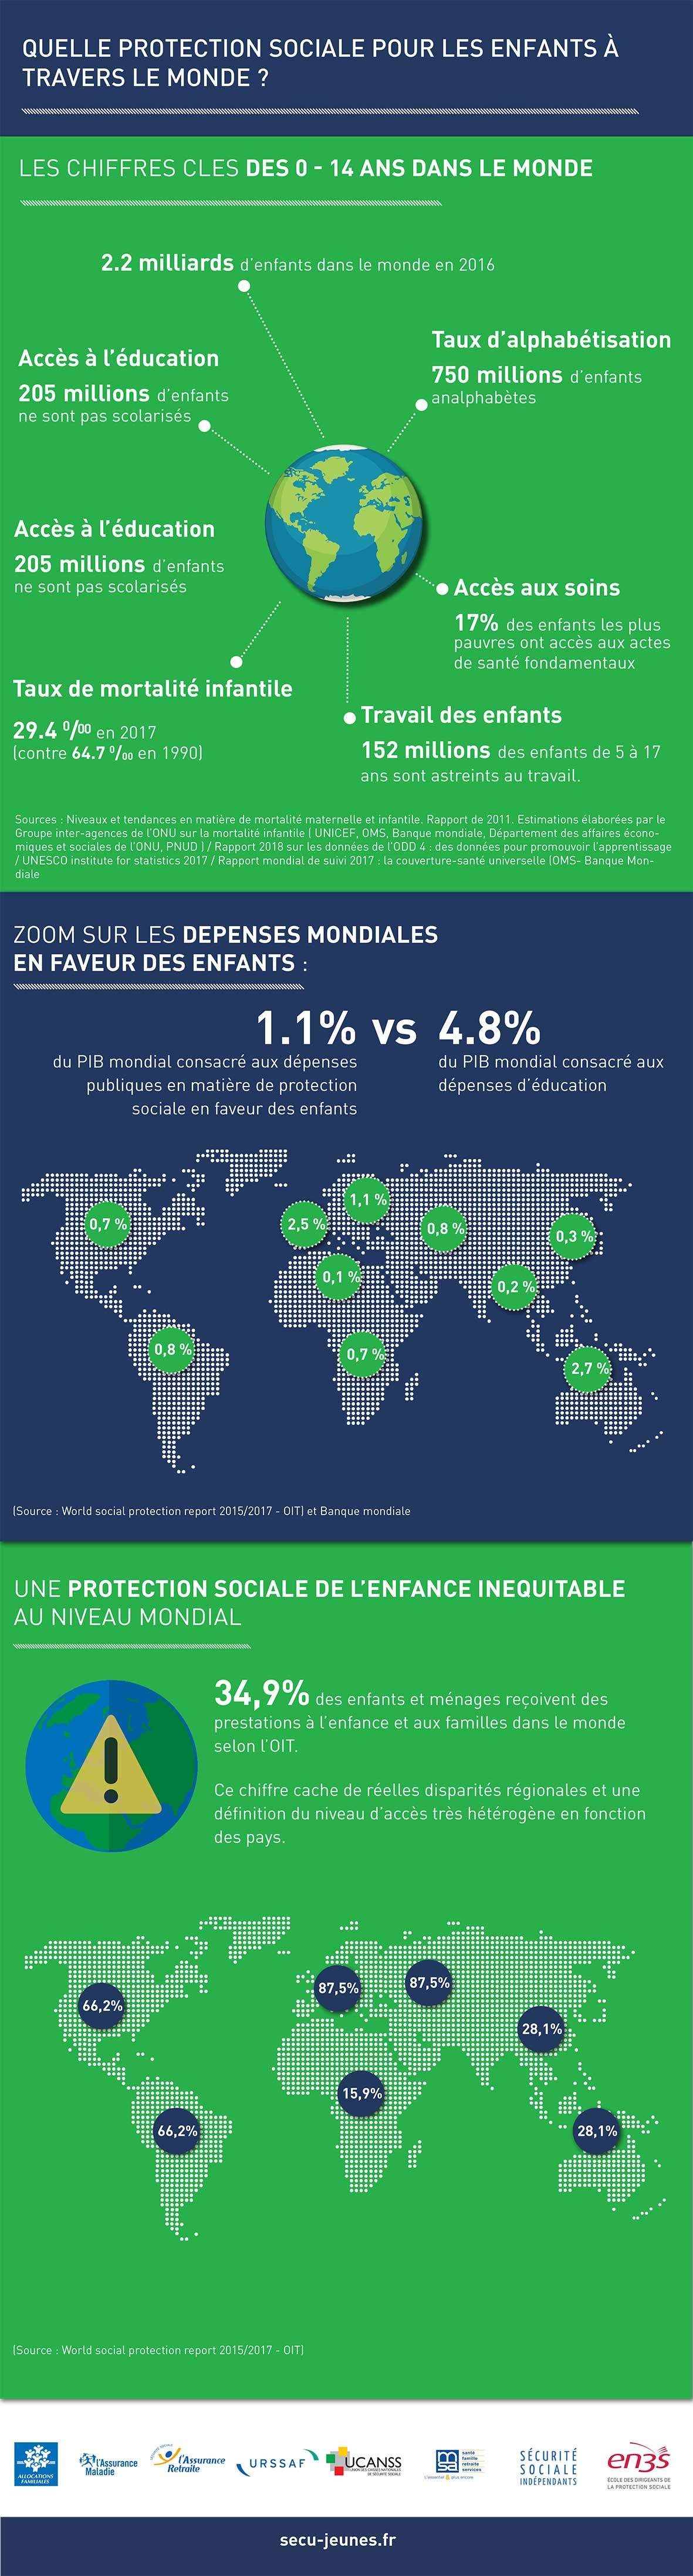 La protection sociale des enfants dans le monde